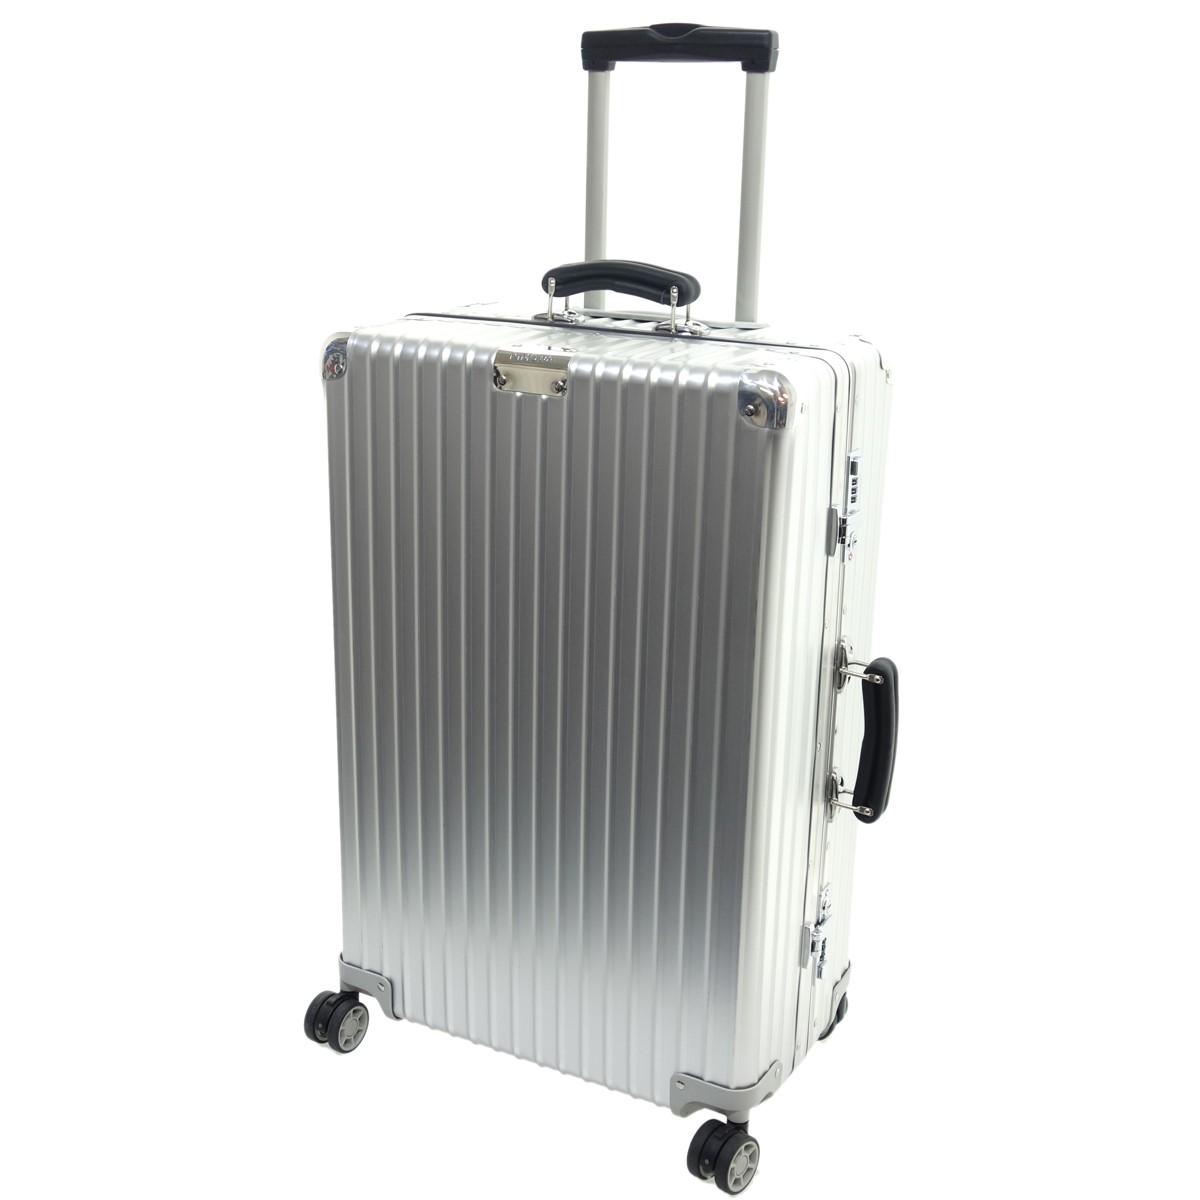 【中古】RIMOWA CLASSIC CHECK-IN M アルミスーツケース シルバー 【020520】(リモワ)